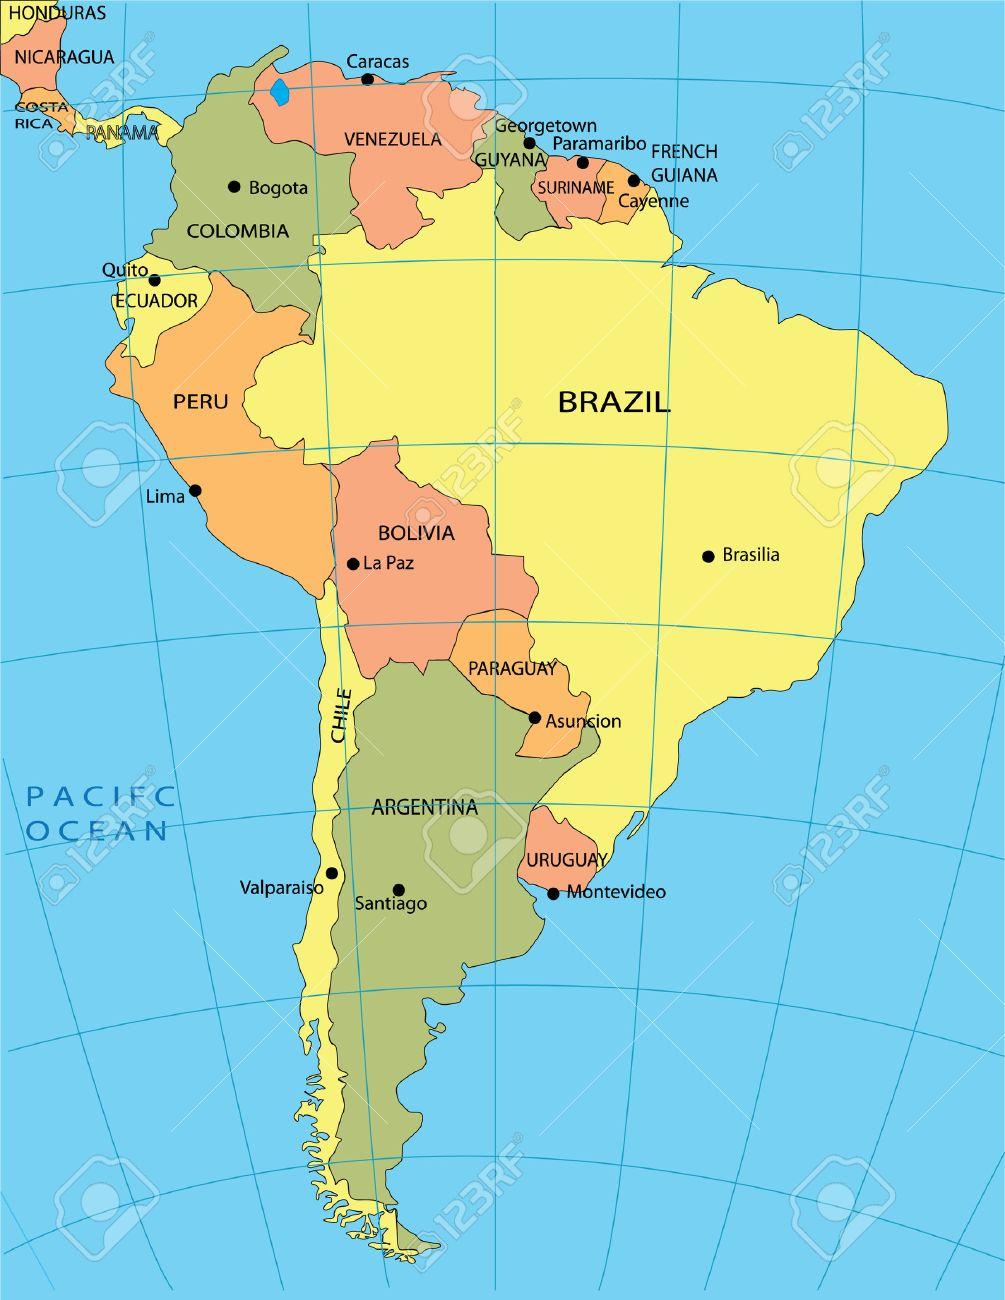 Mapamundi, 100 mapas del mundo para imprimir y descargar gratis ...